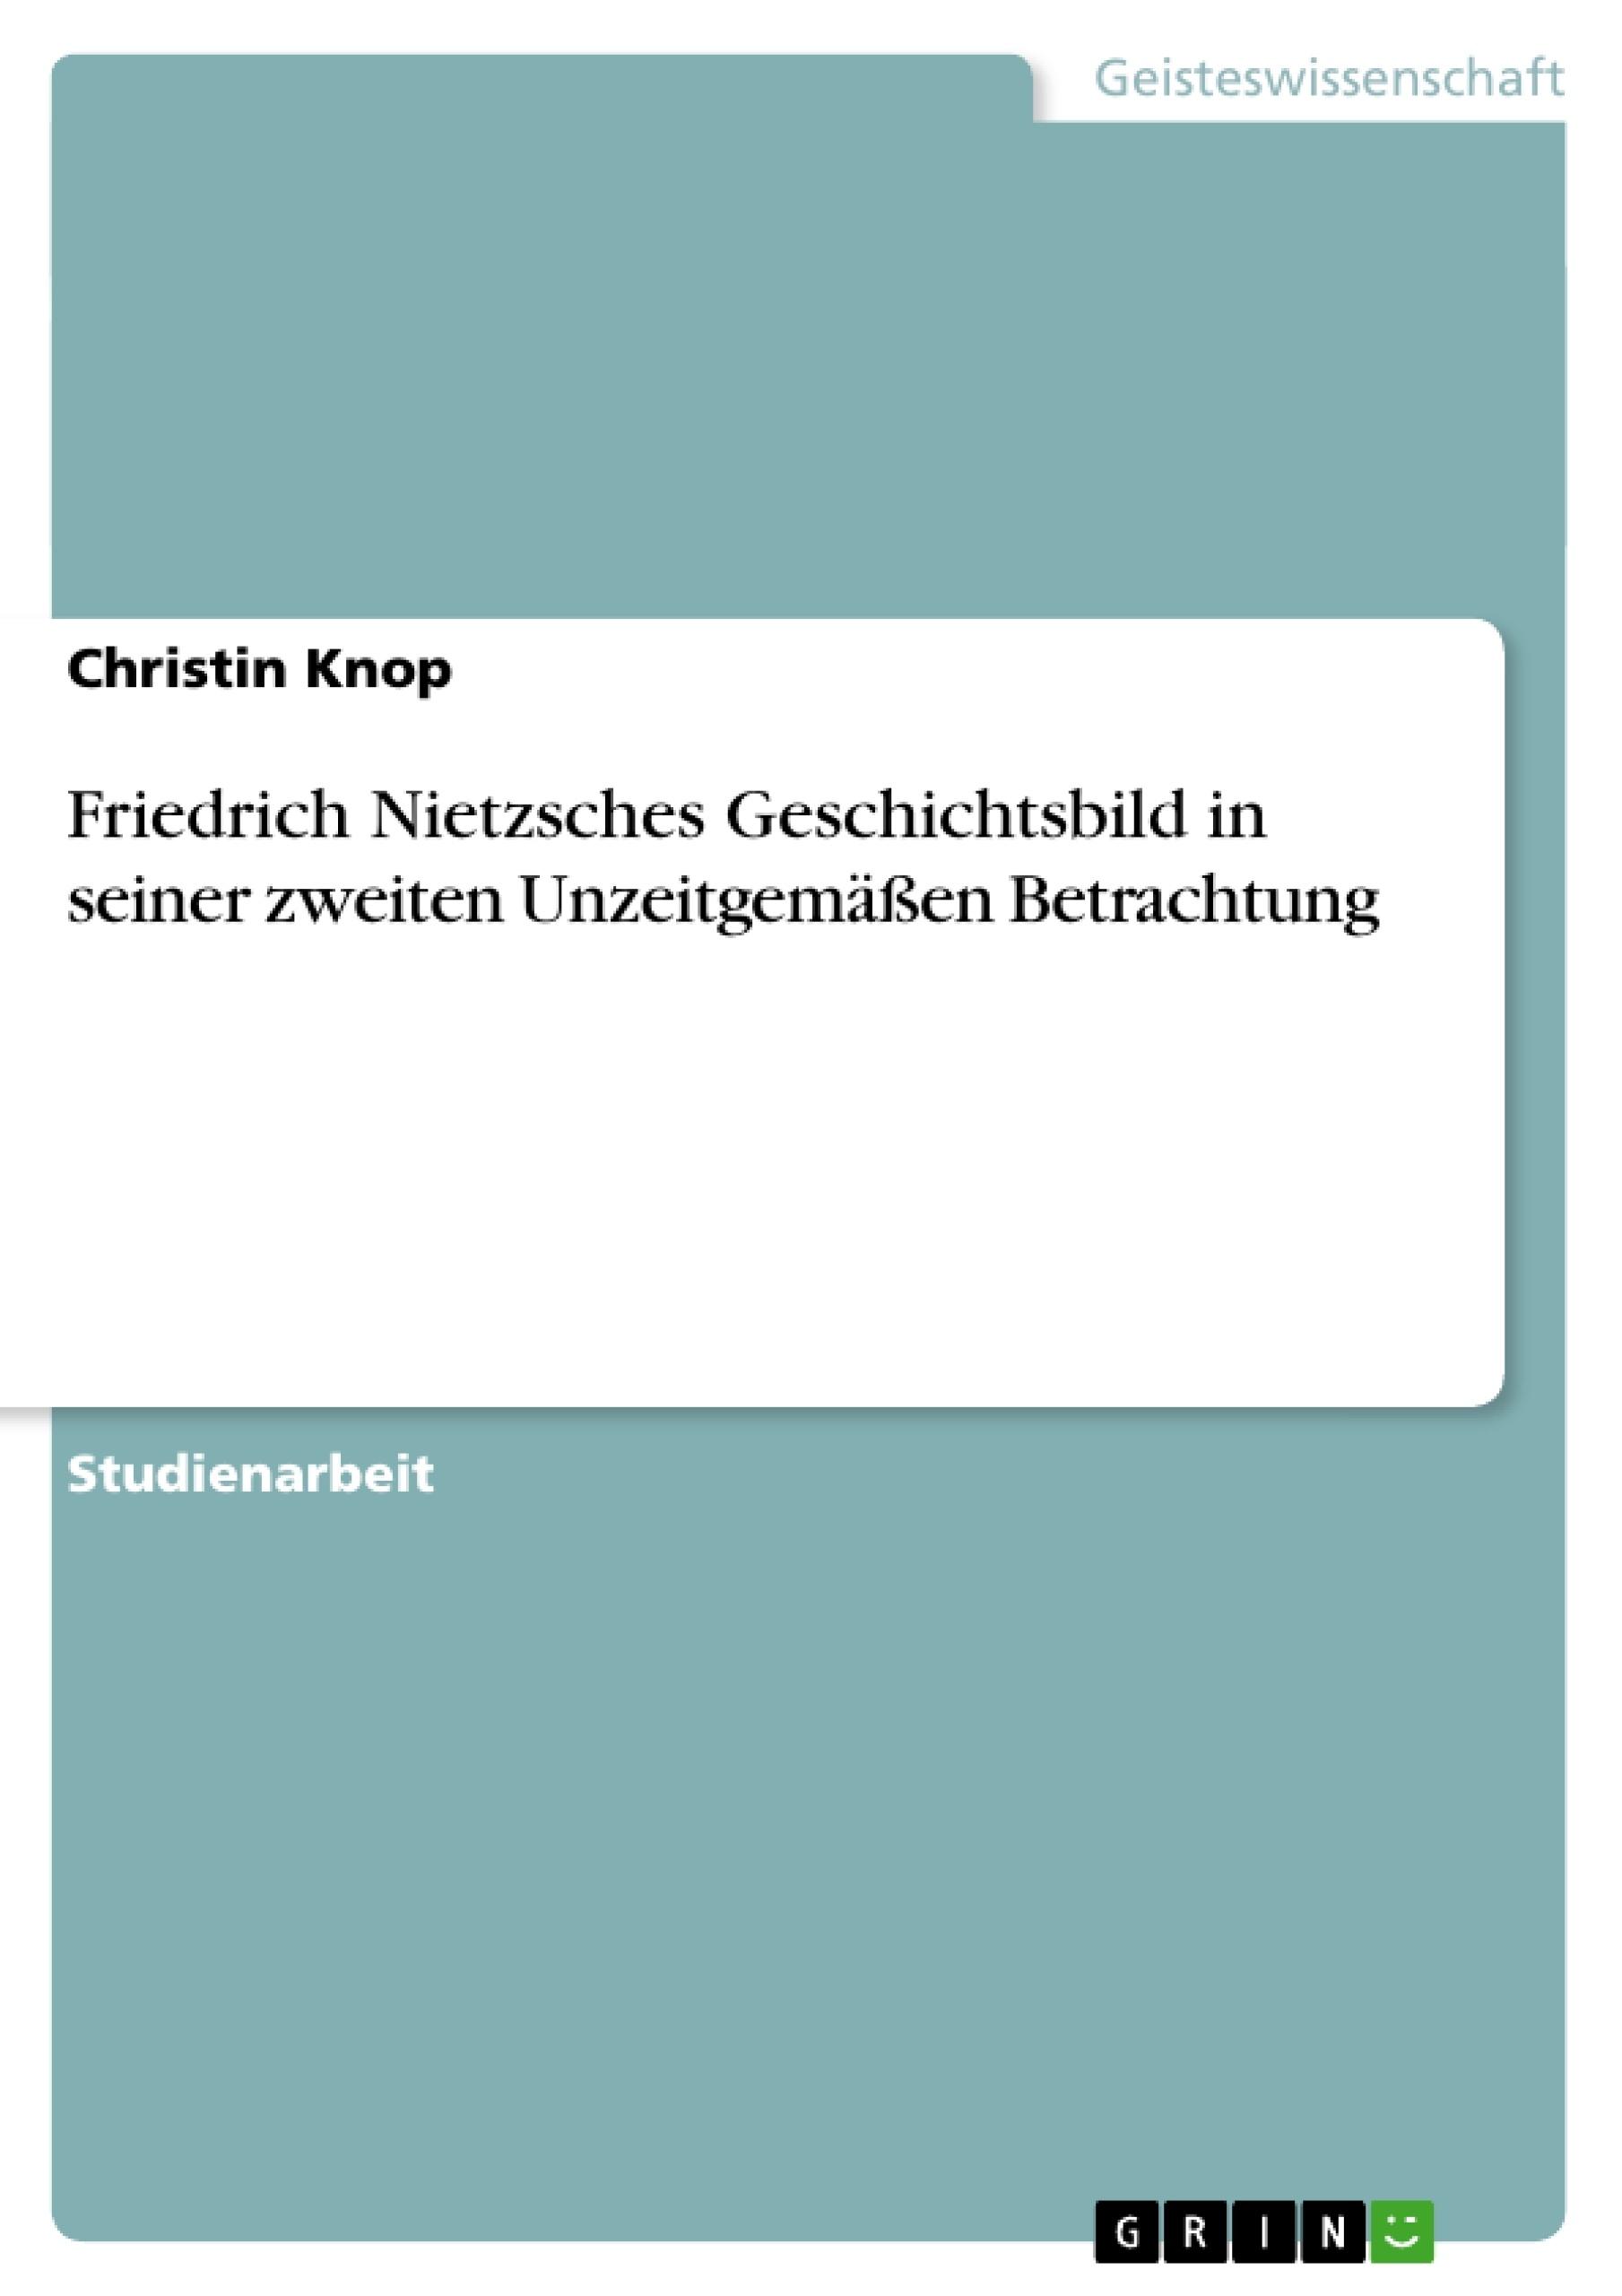 Titel: Friedrich Nietzsches Geschichtsbild in seiner zweiten Unzeitgemäßen Betrachtung